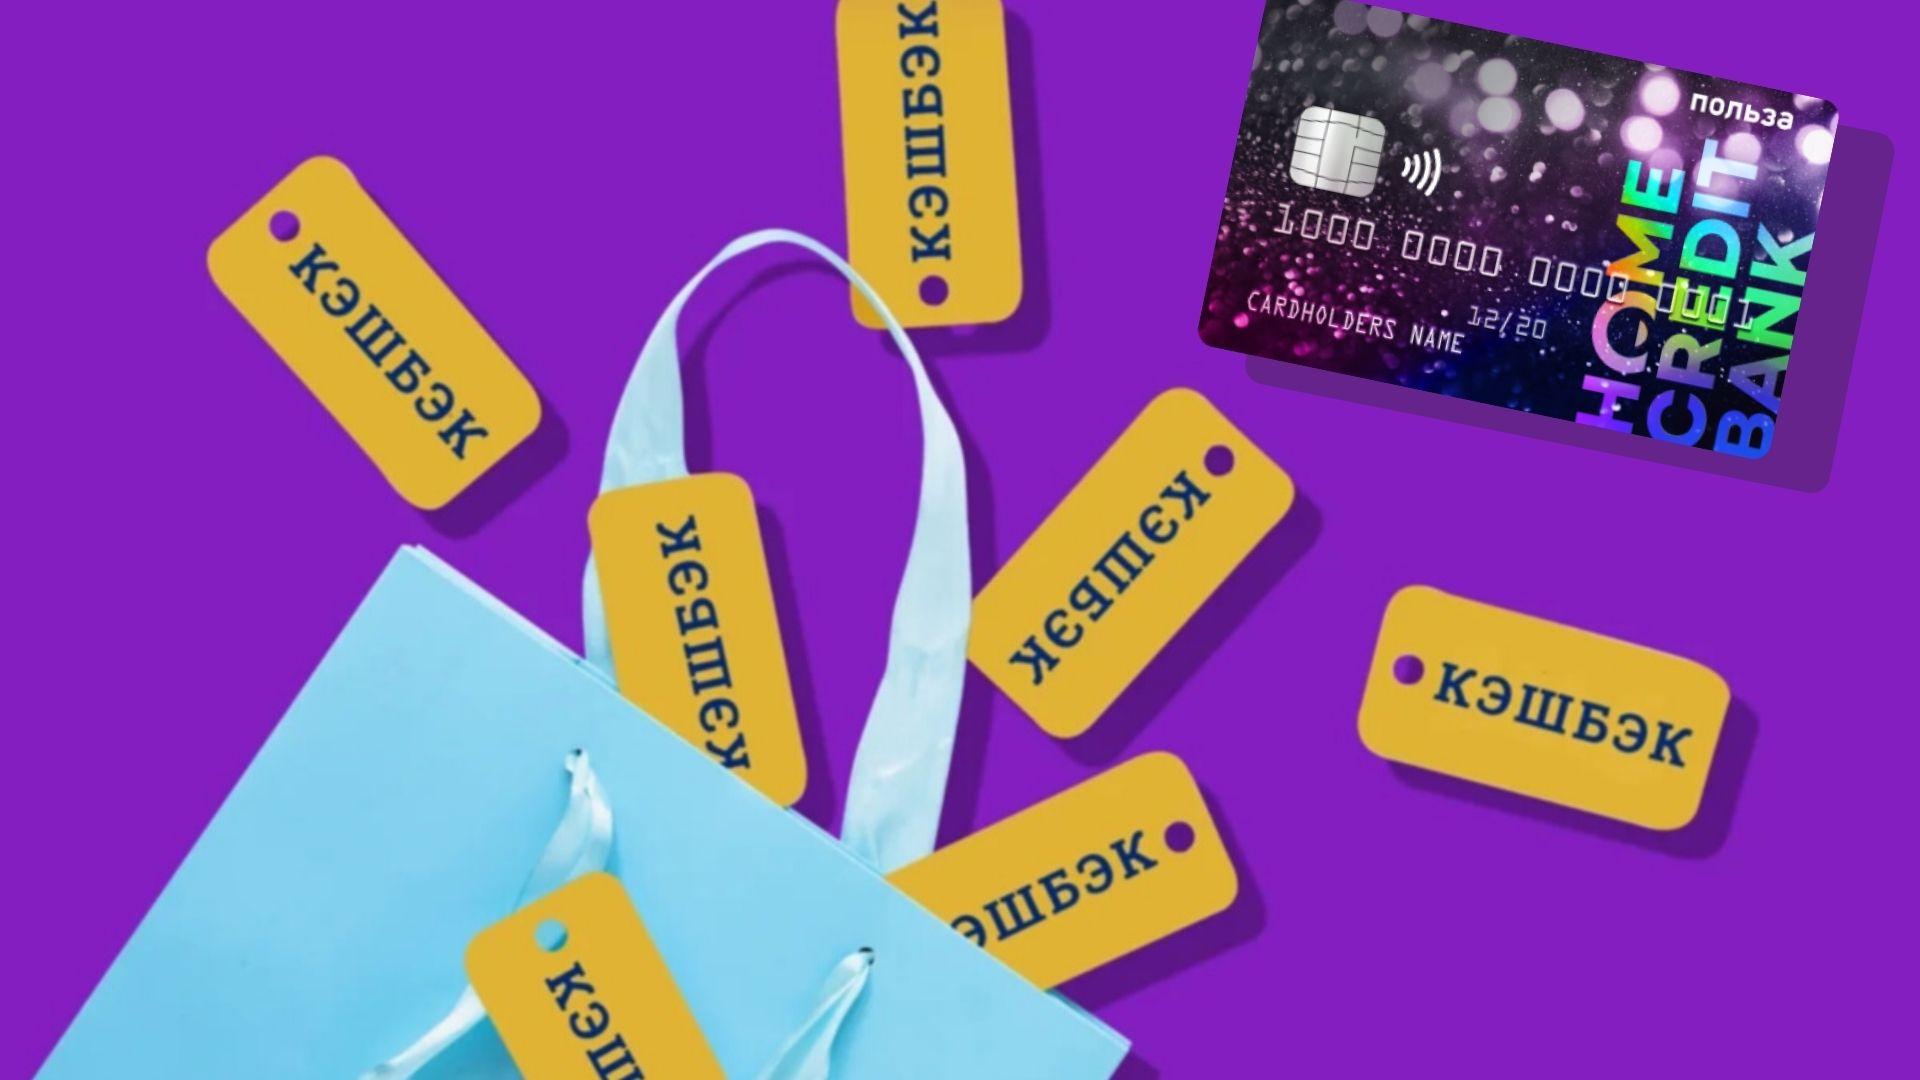 самая выгодная дебетовая карта польза хоум кредит банк кэшбэк